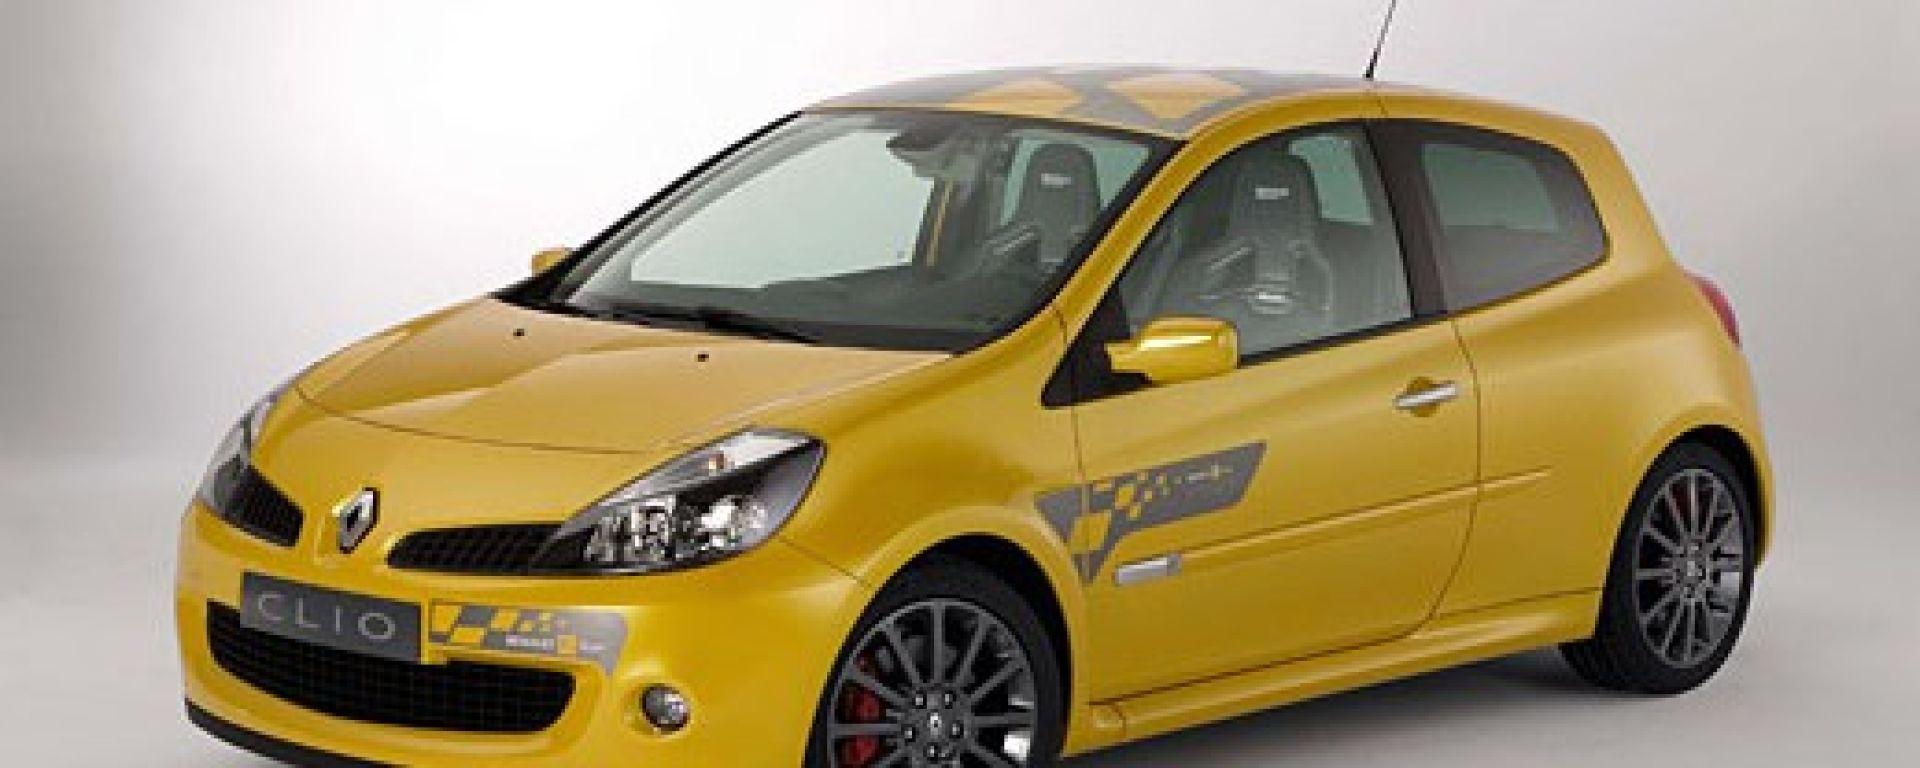 Renault Clio Renault F1 Team R27